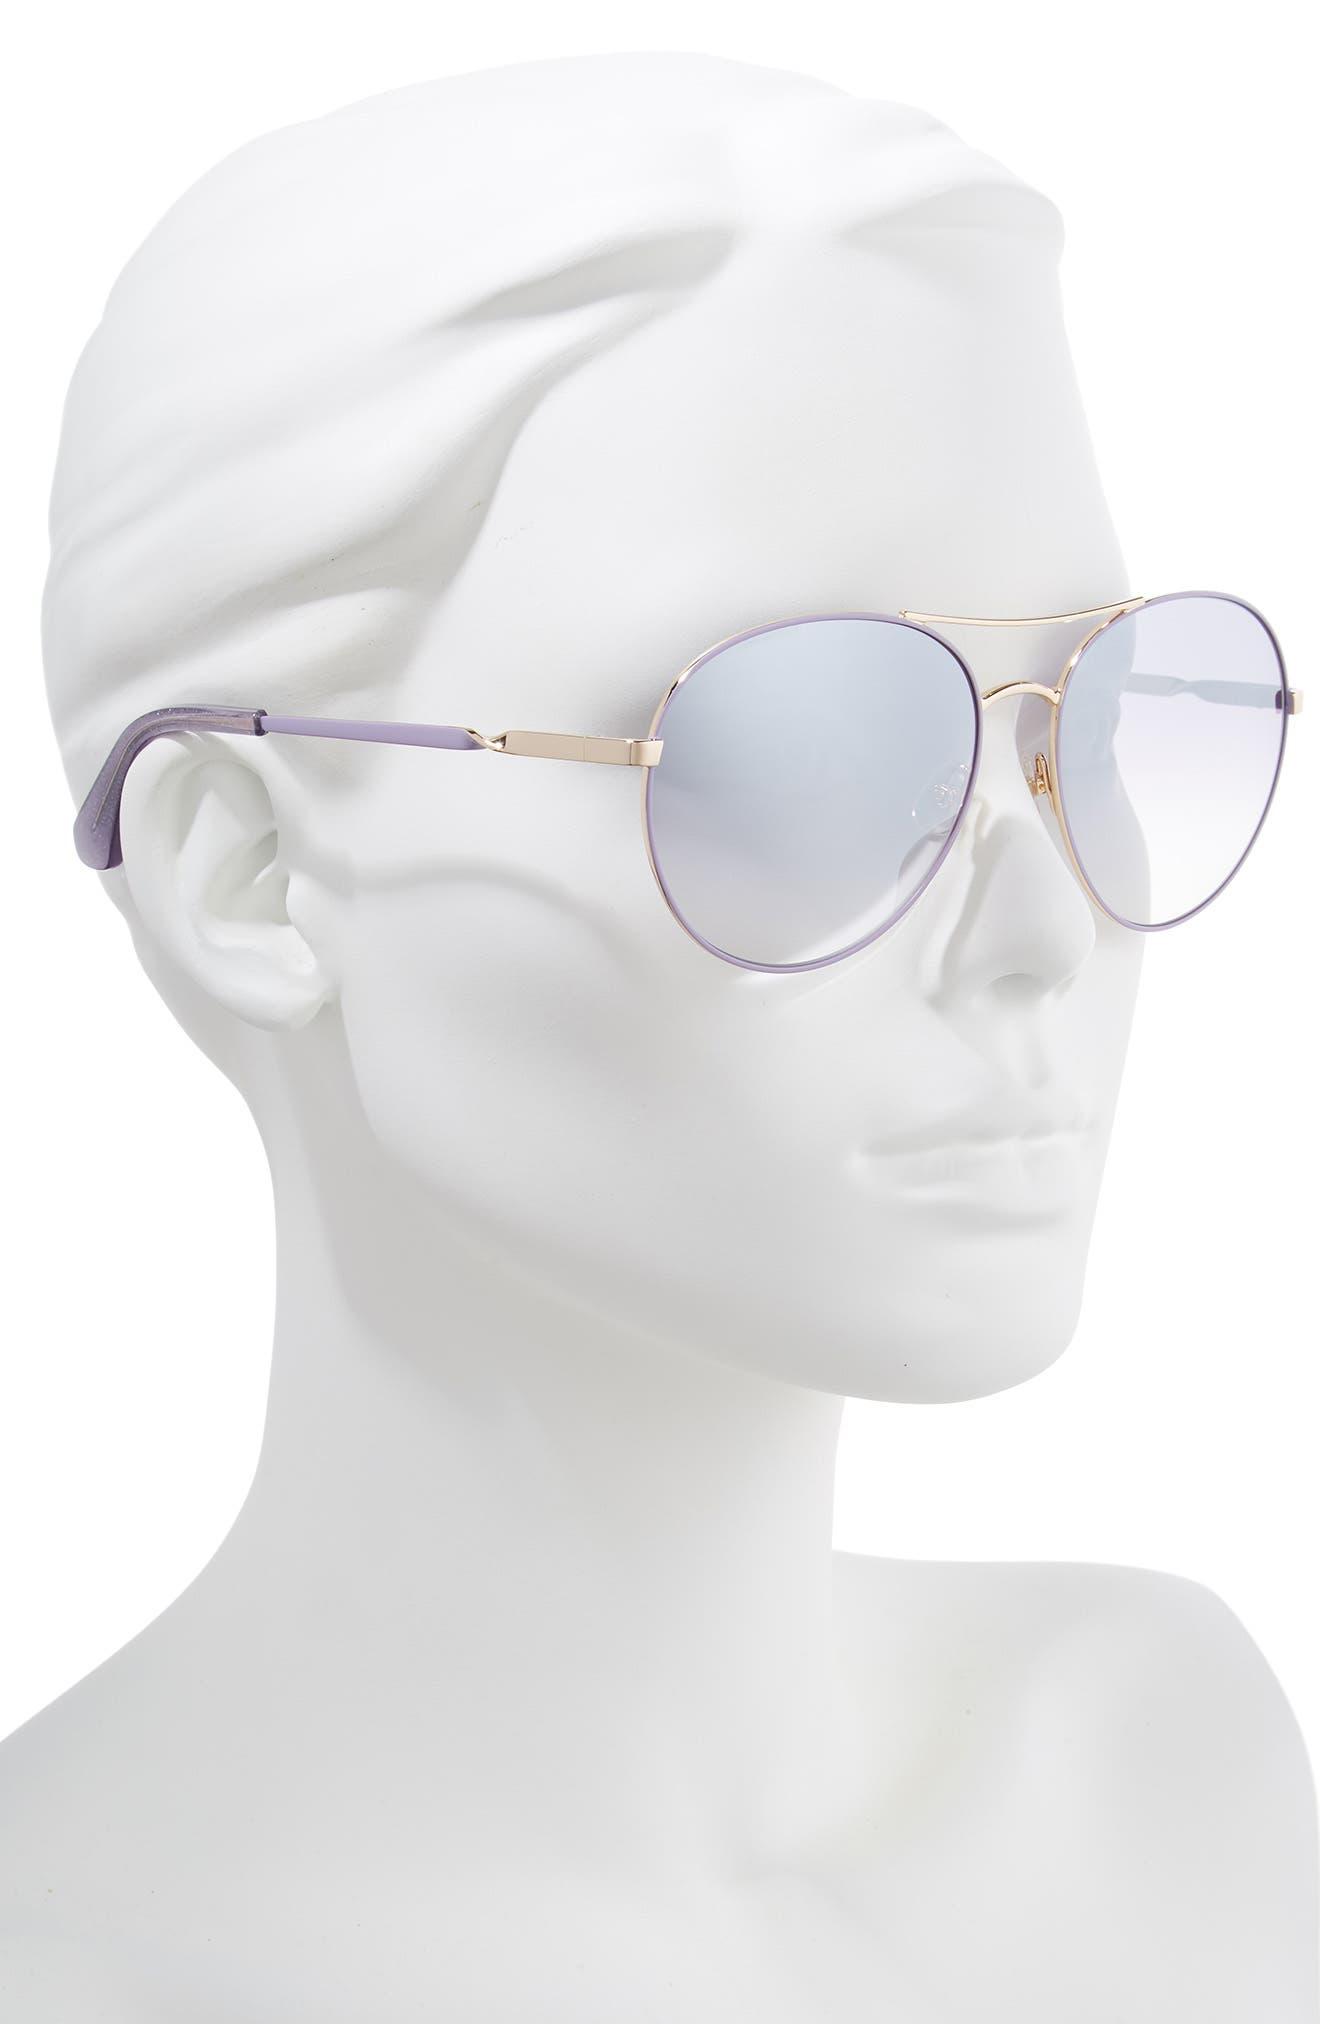 joshelle 60mm aviator sunglasses,                             Alternate thumbnail 2, color,                             PLUM